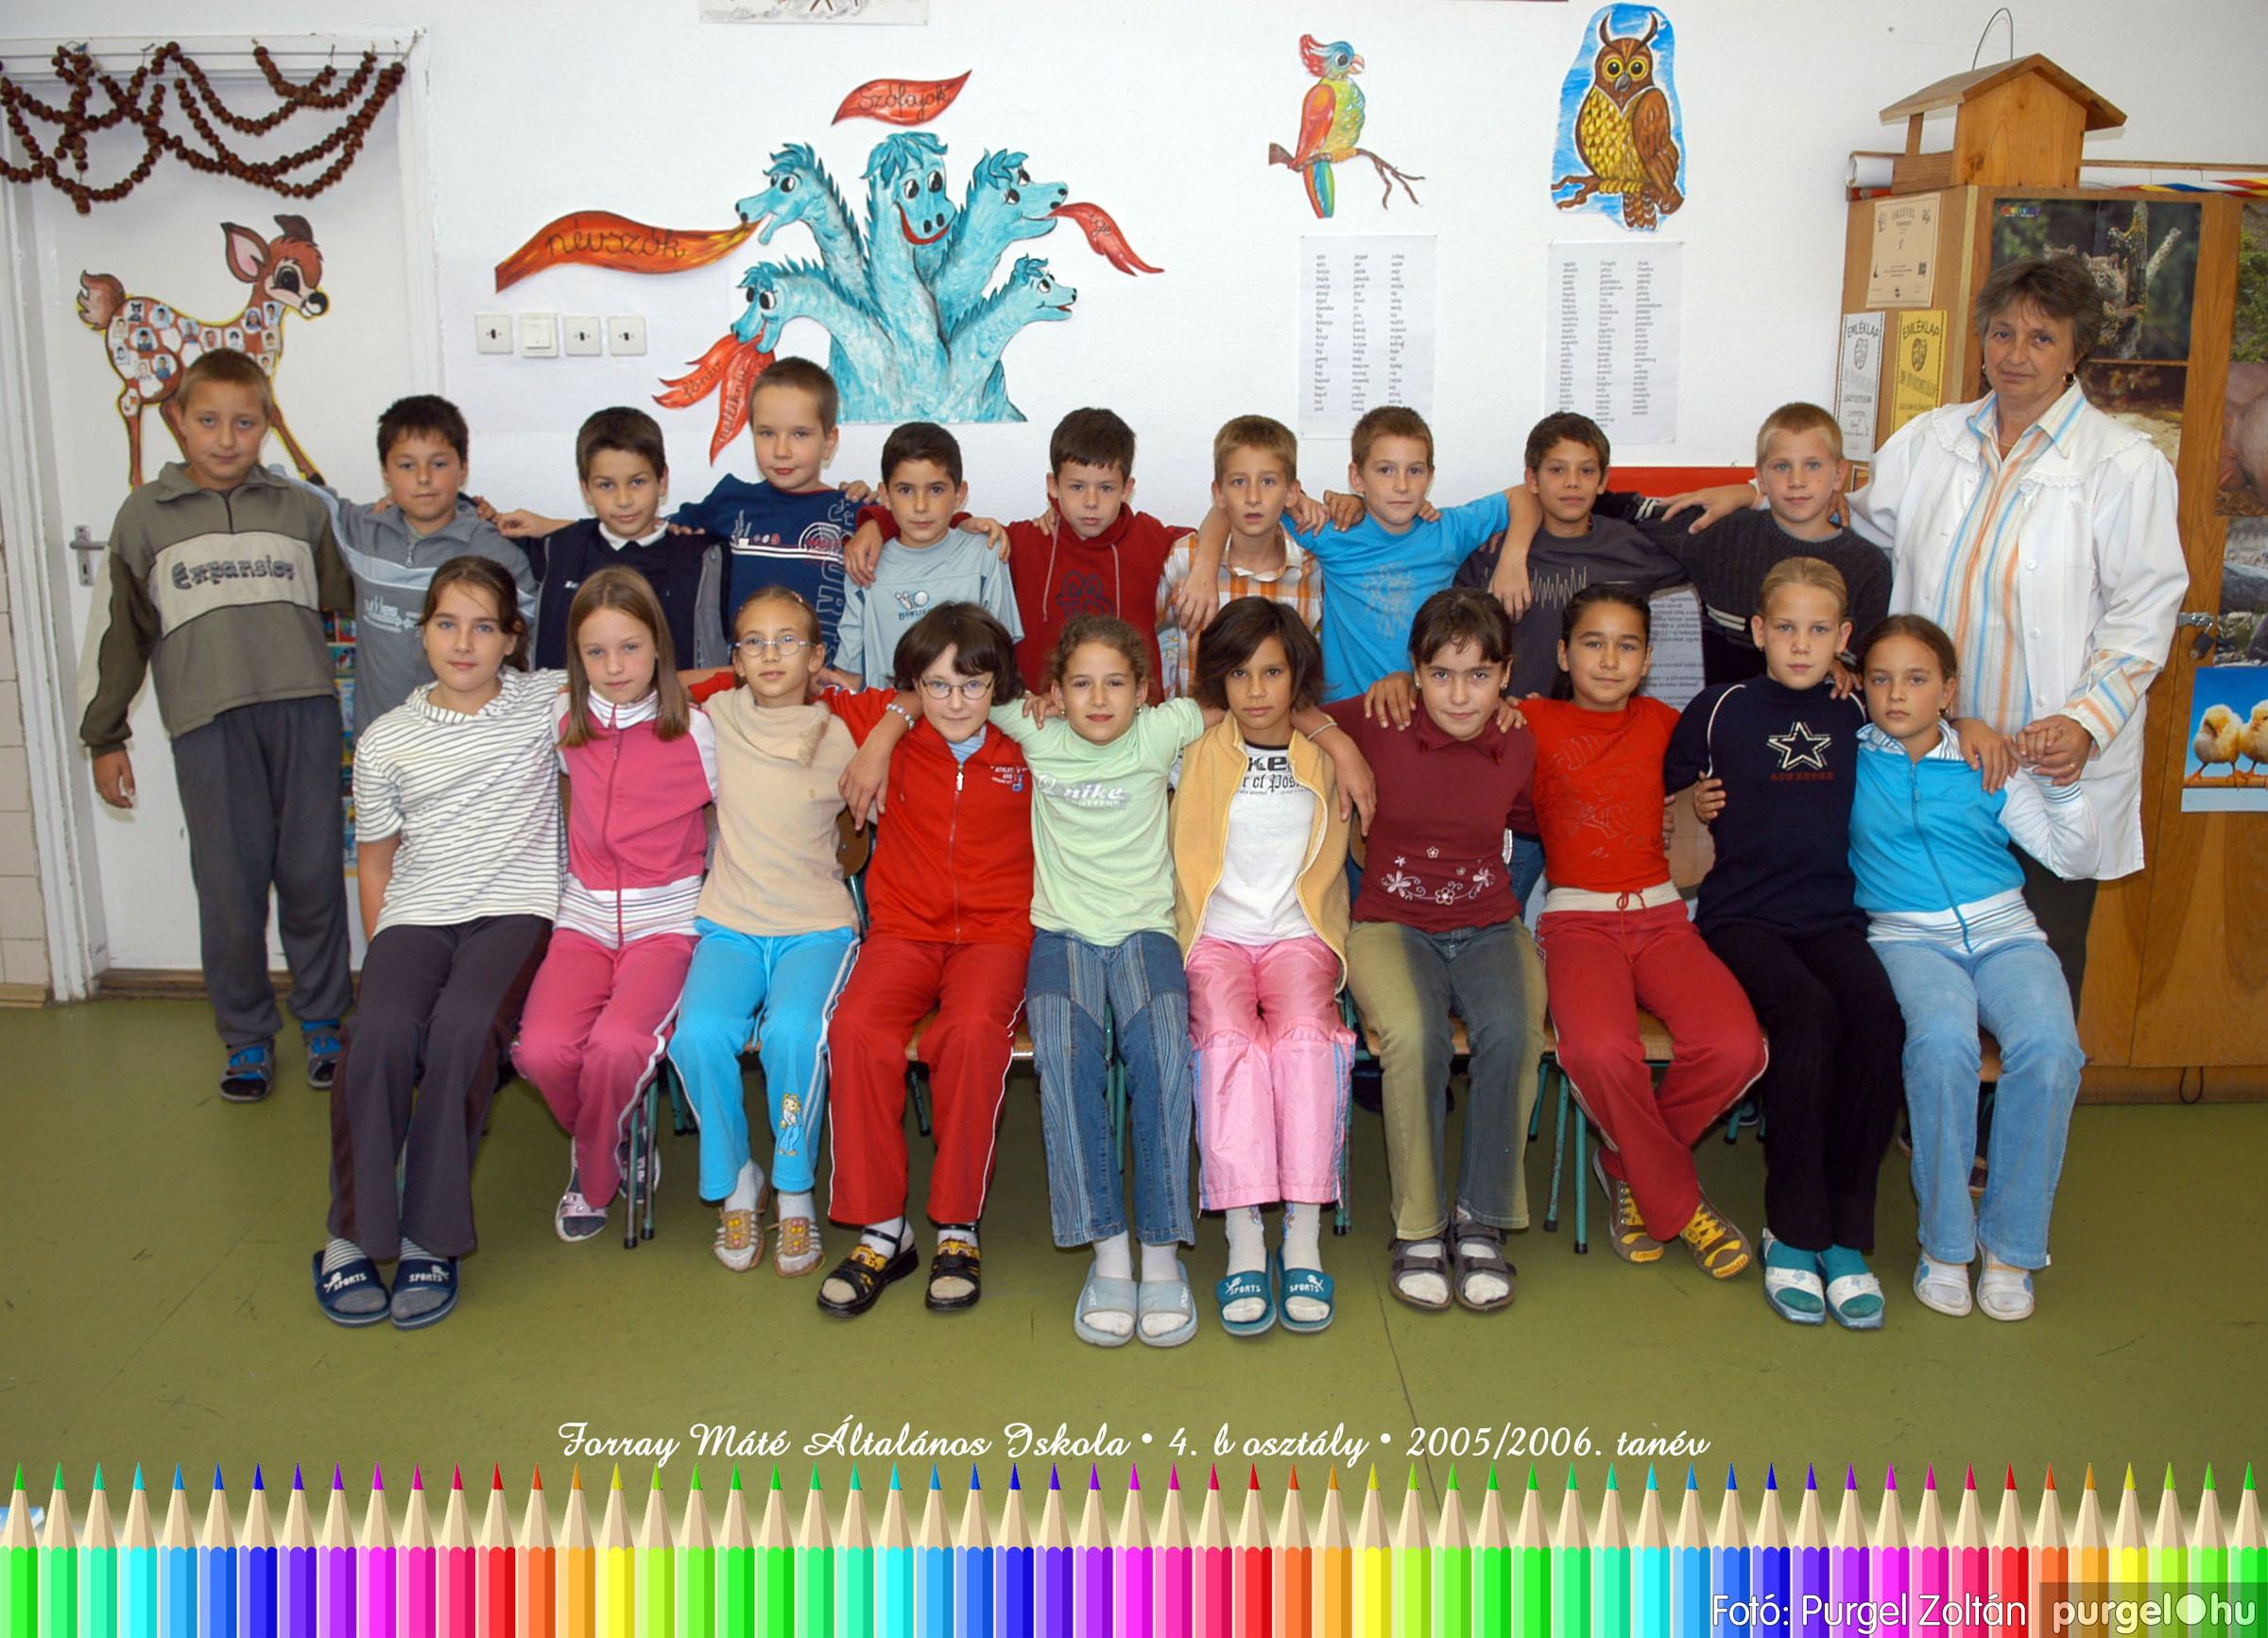 2005.09.21-10.06. 014 Forray Máté Általános Iskola osztályképek 2005. - Fotók:PURGEL ZOLTÁN© 4bvidam.jpg